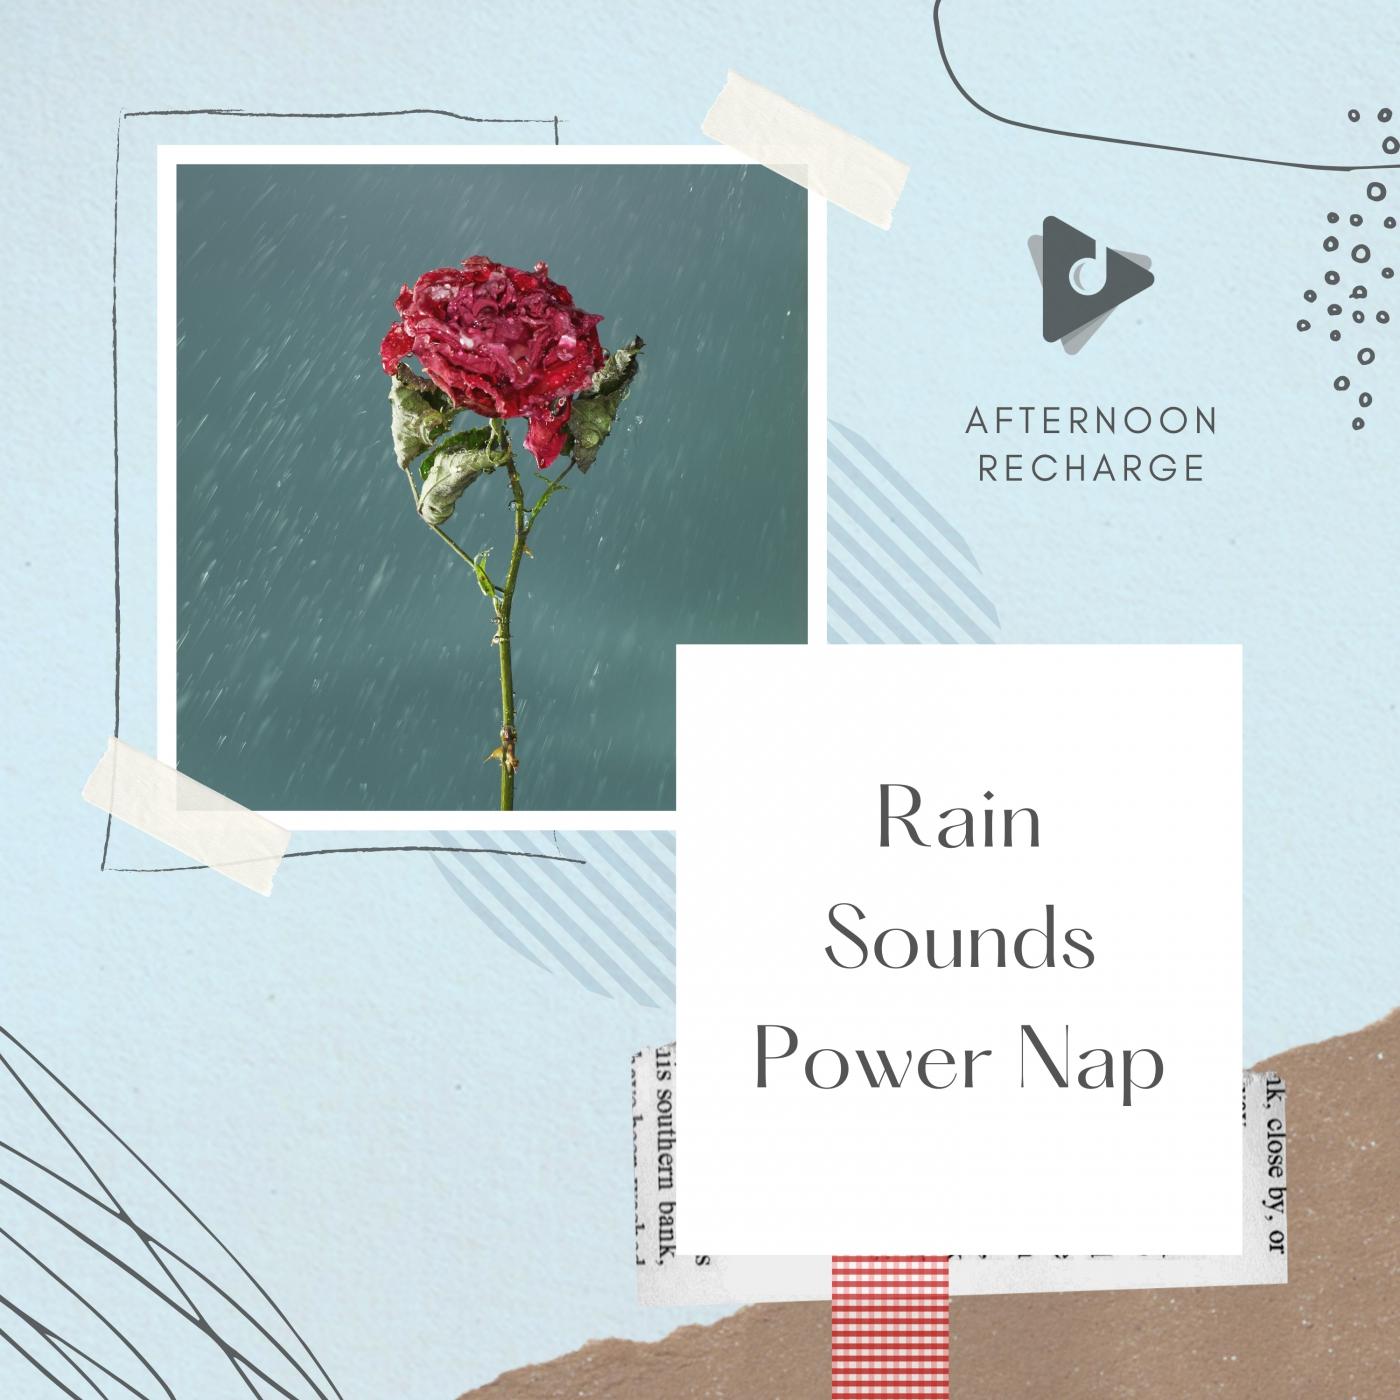 Rain Sounds Power Nap